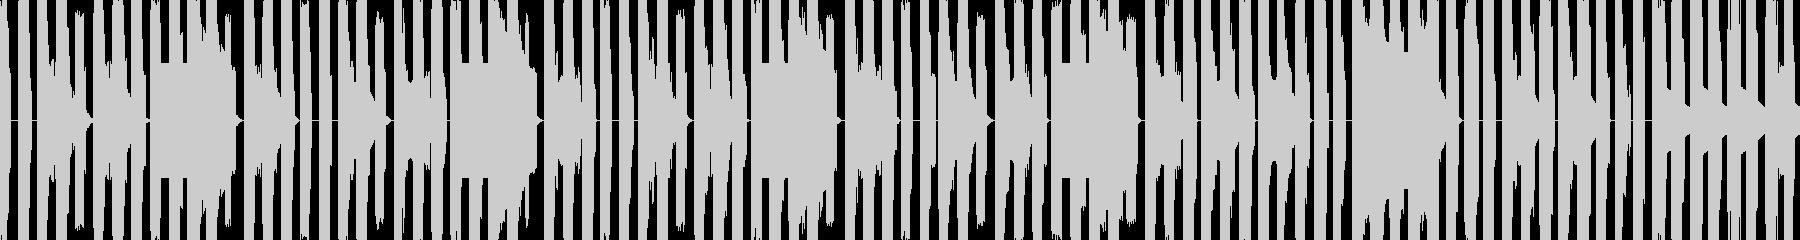 可愛い8bitループの未再生の波形